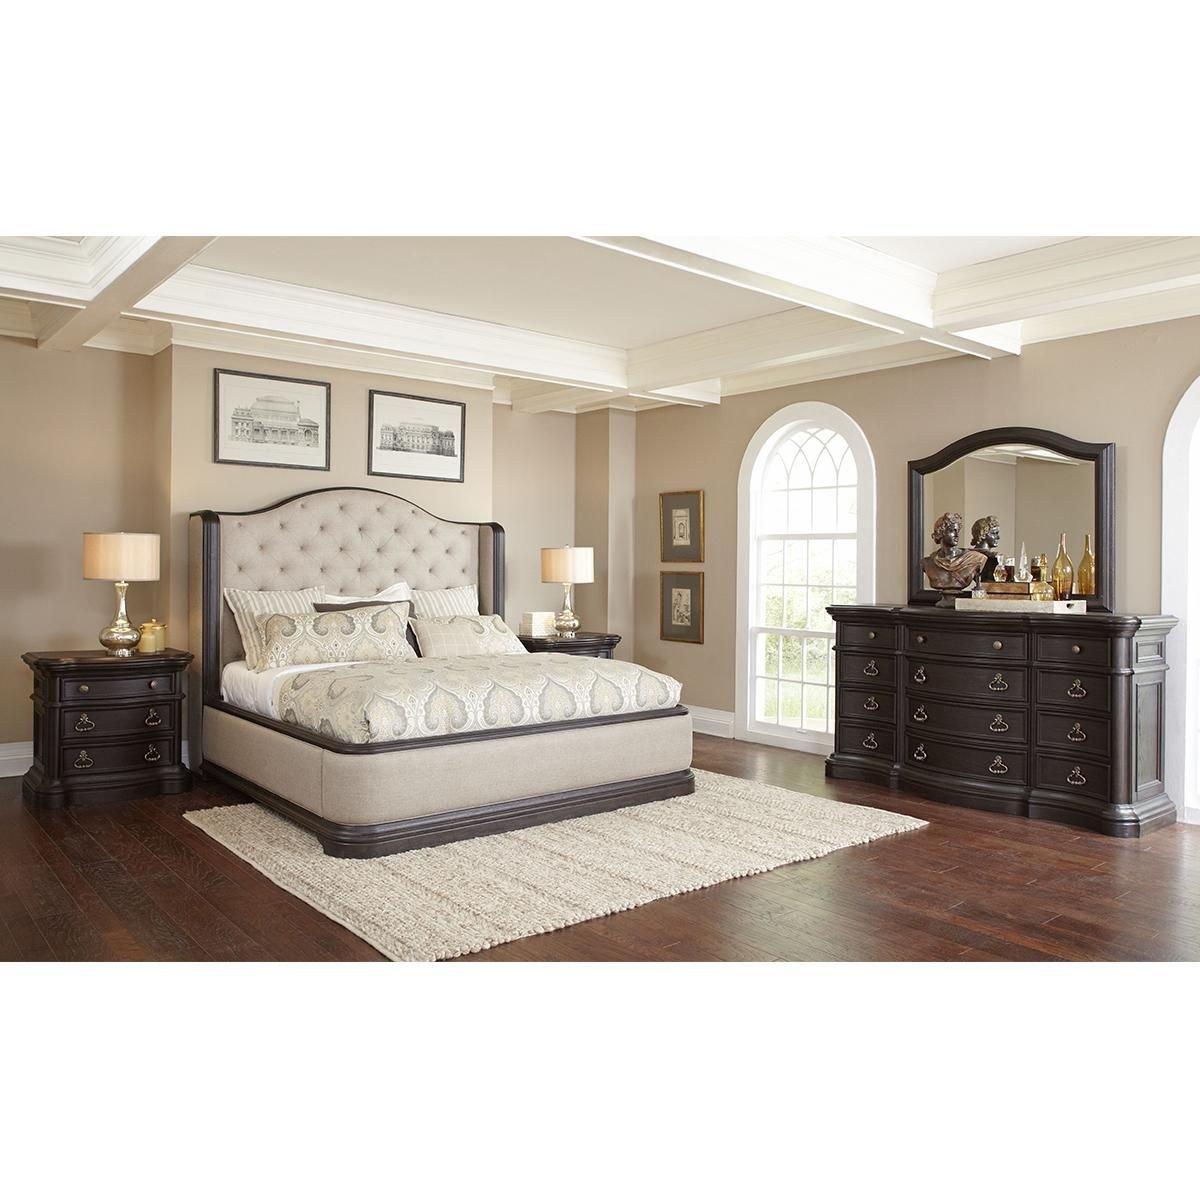 Nebraska Furniture Bedroom Set Inspirational Nineteen37 Ravena 4 Piece King Bedroom Set In Root Beer